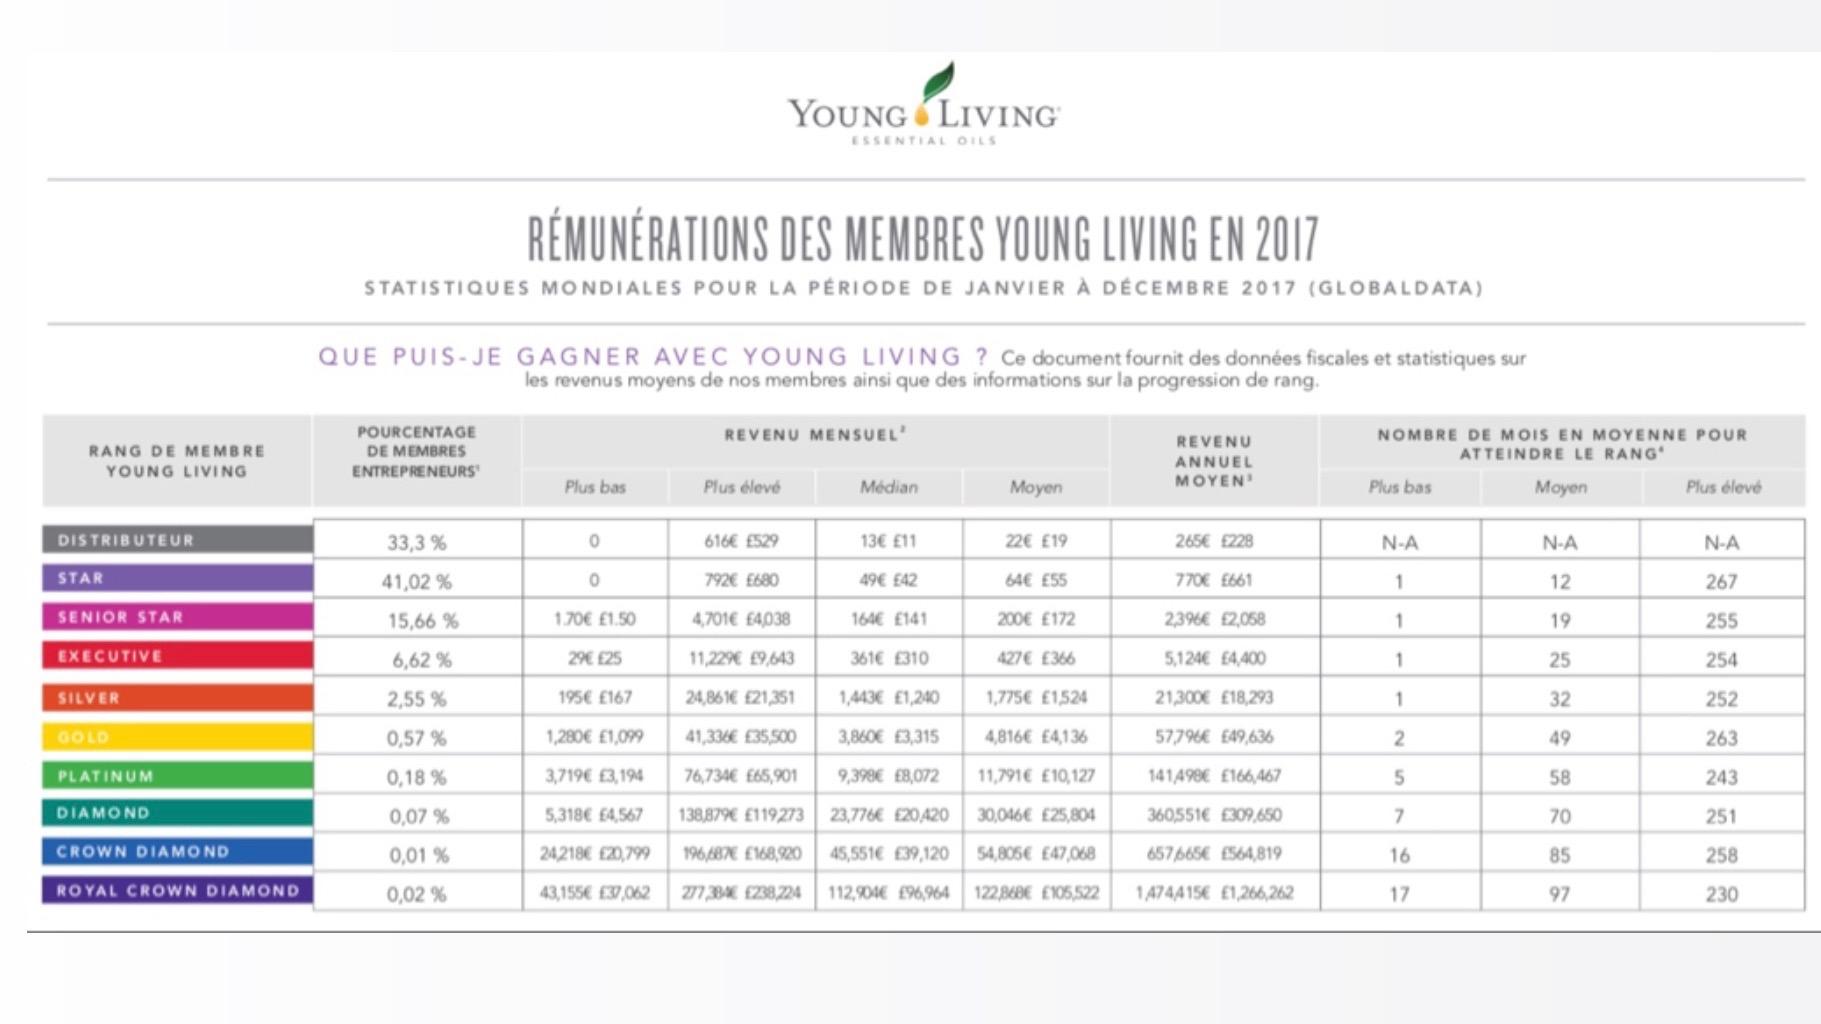 Voici le rapport annuel YL qui montre les plus petits et les plus gros revenus chez Young Living aux USA, en passant par le salaire moyen.